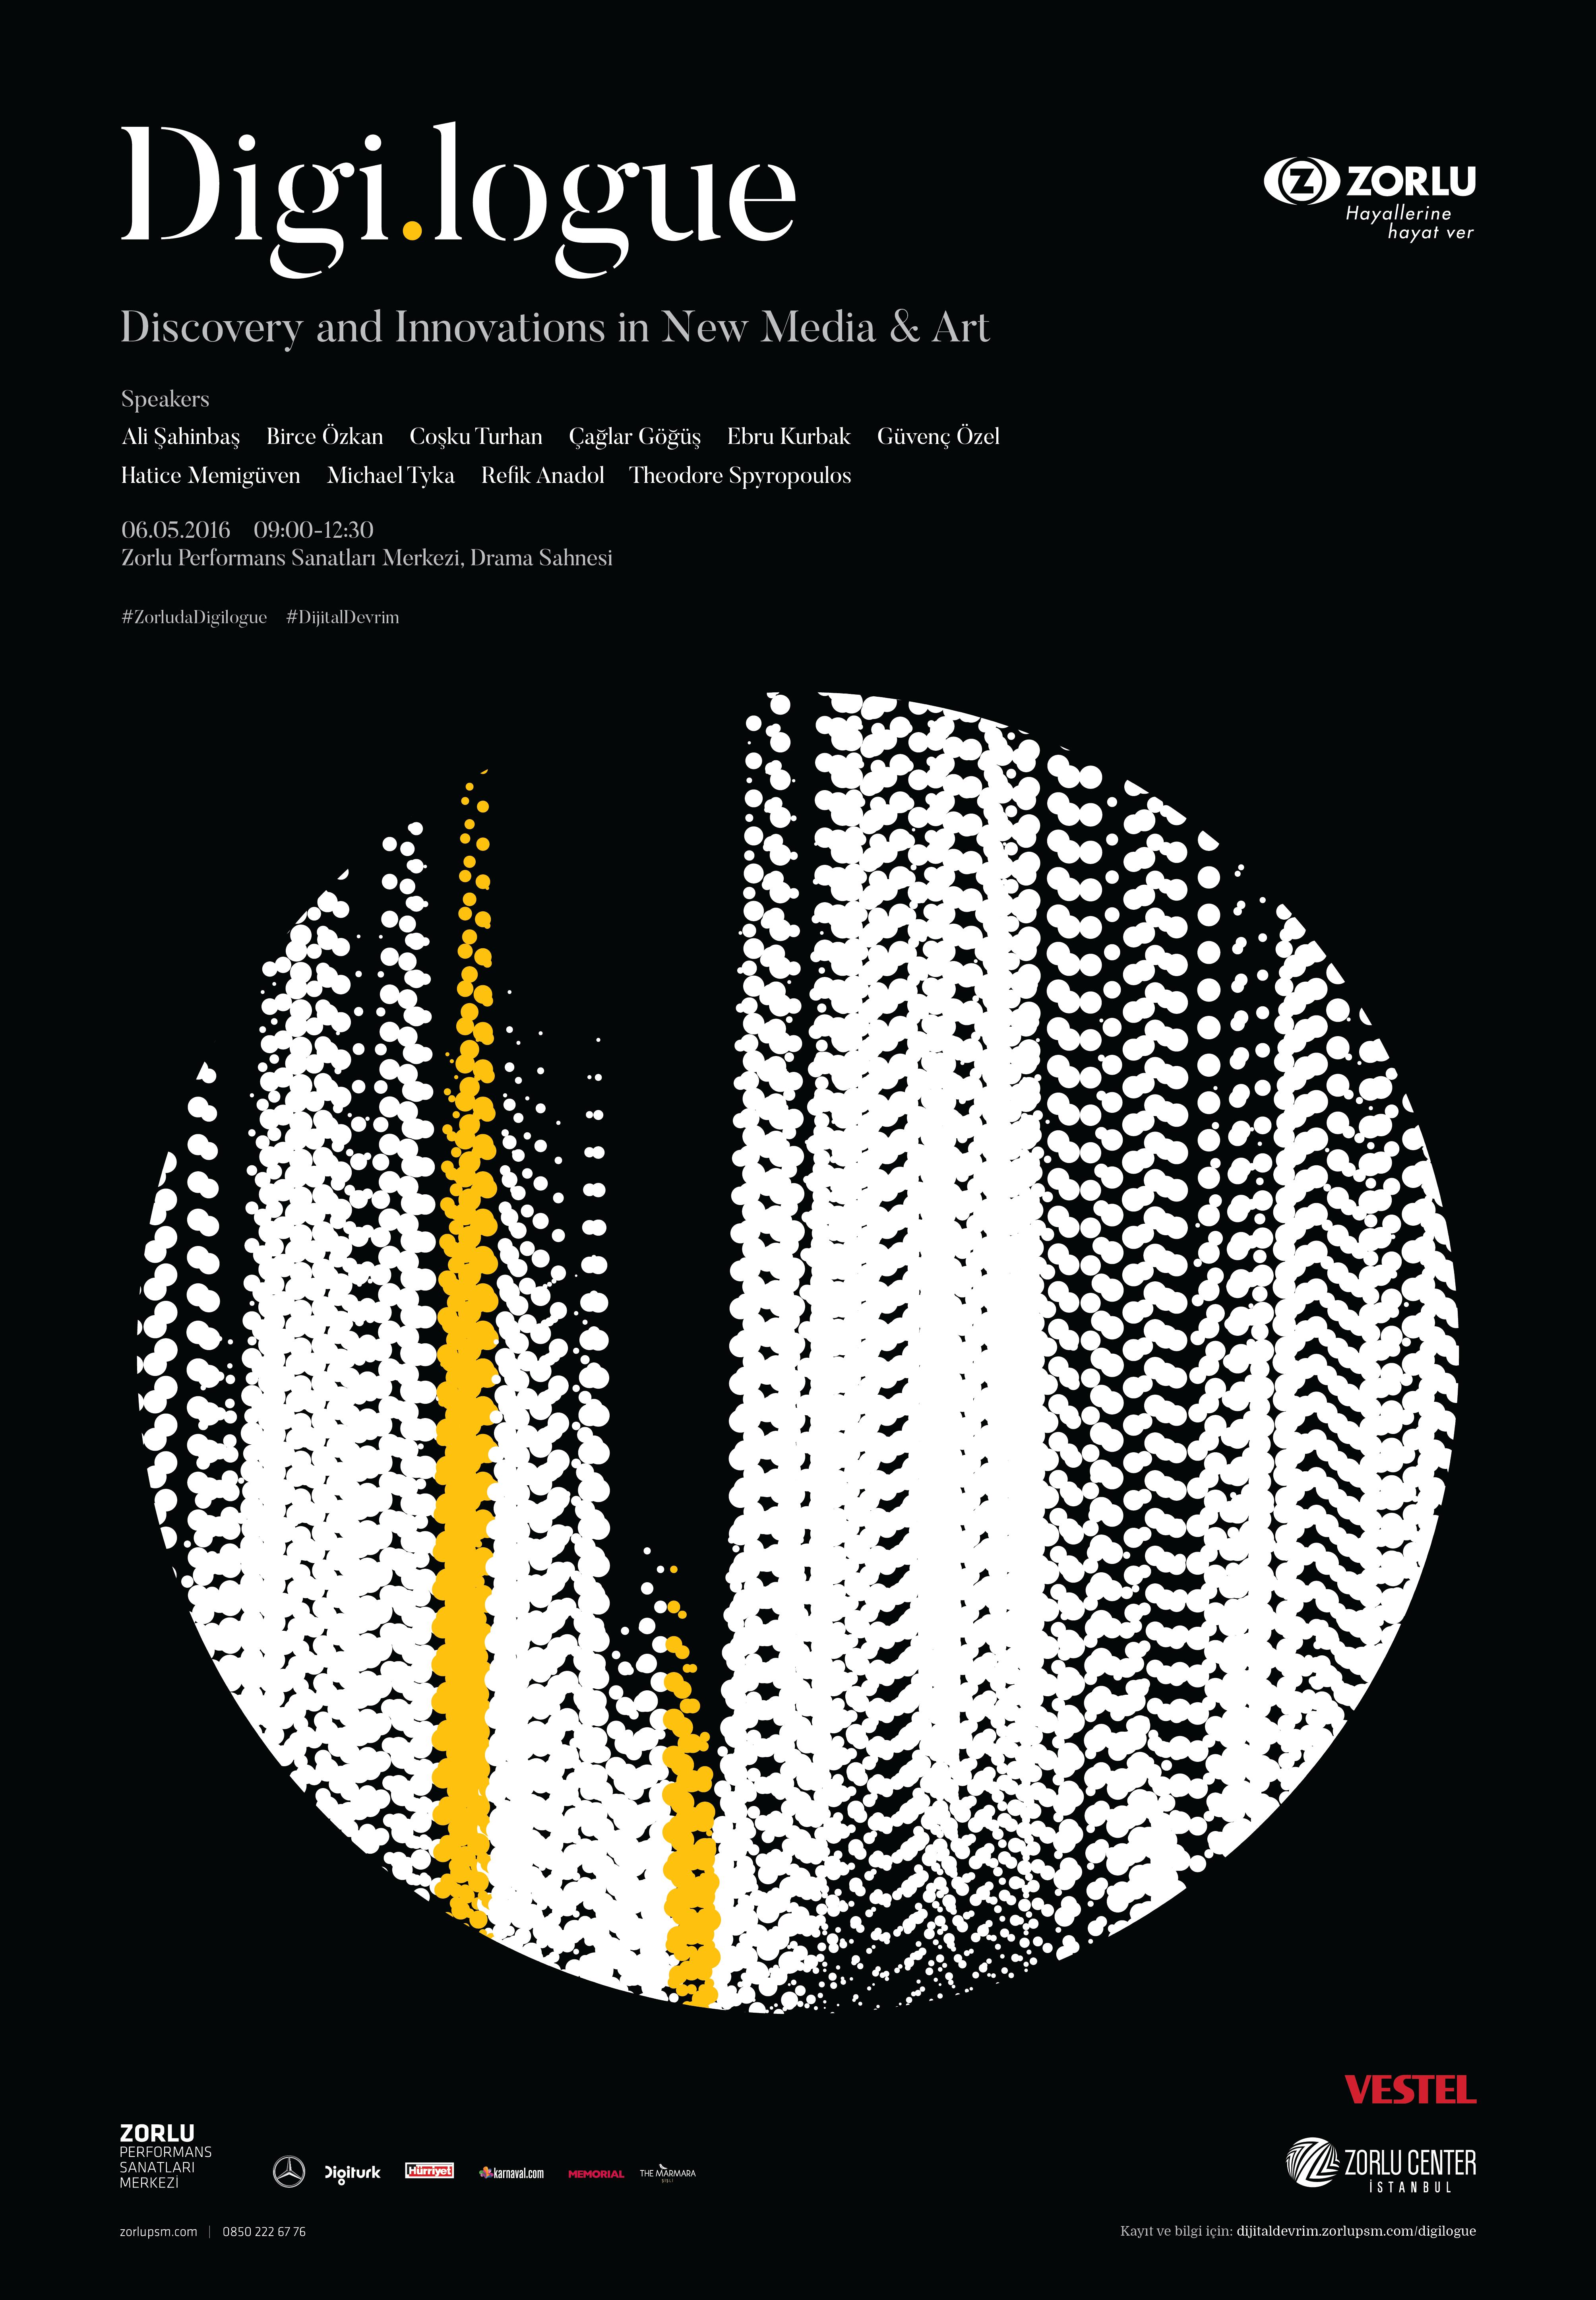 Digi.logue | Volkan Olmez - Posters | Pinterest | Plan design